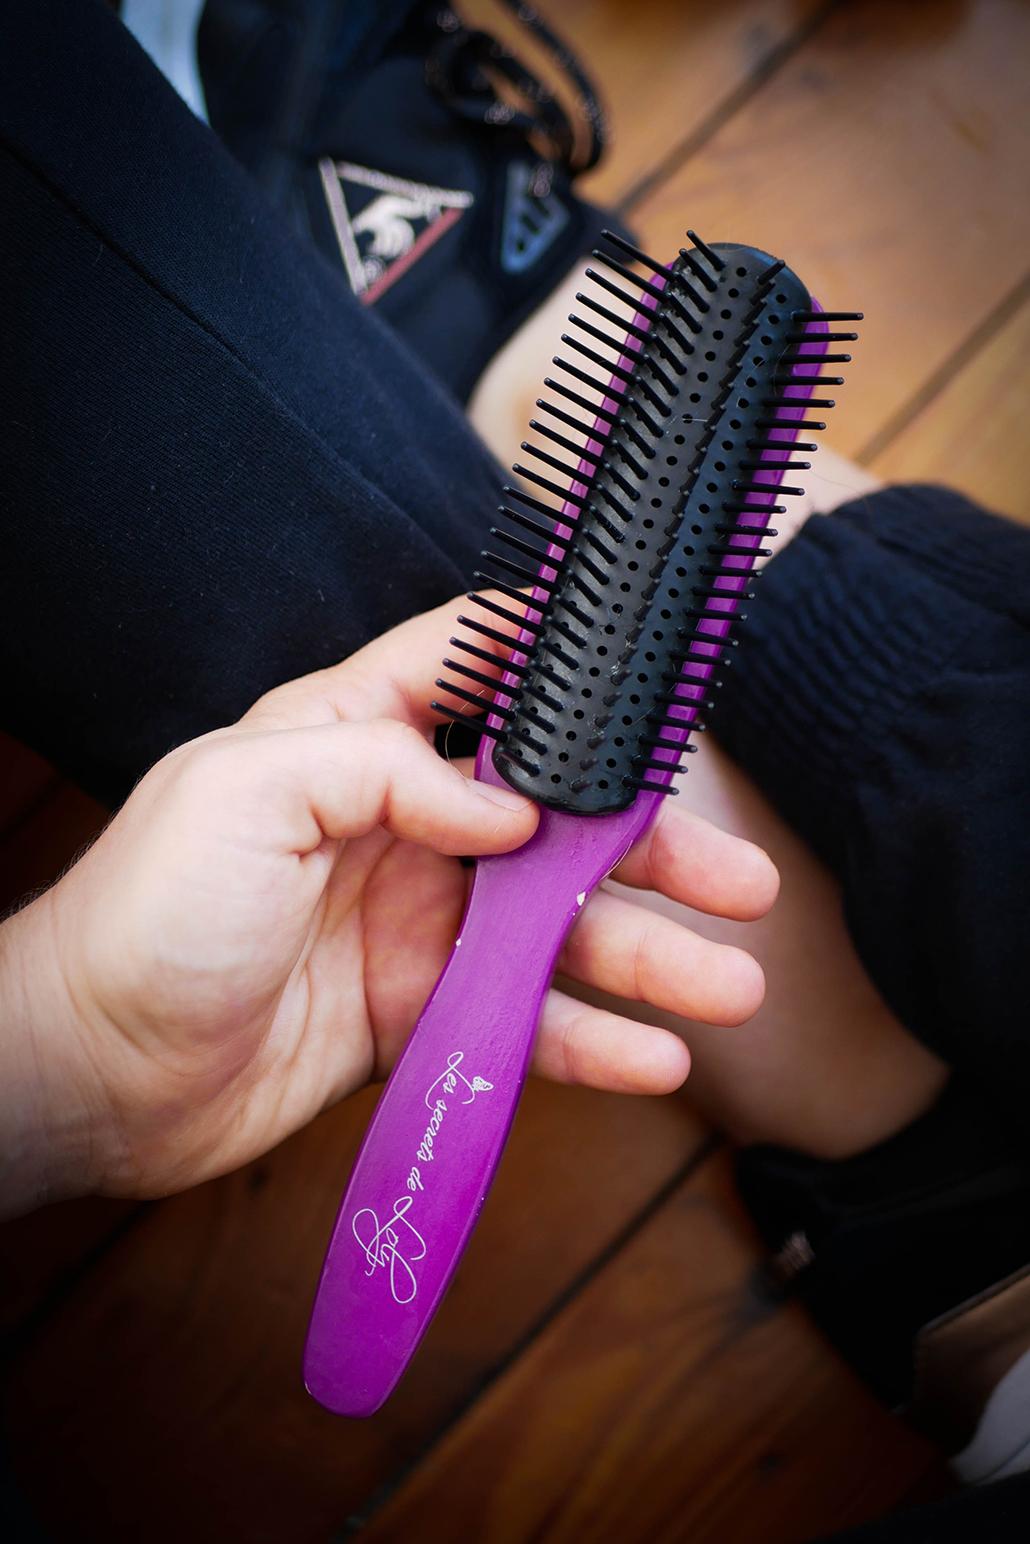 coiffure routine cheveux bouclés frisés boucle routine naturelle bio soin care hair shampoing conditionner curl curly secrets de loly avis